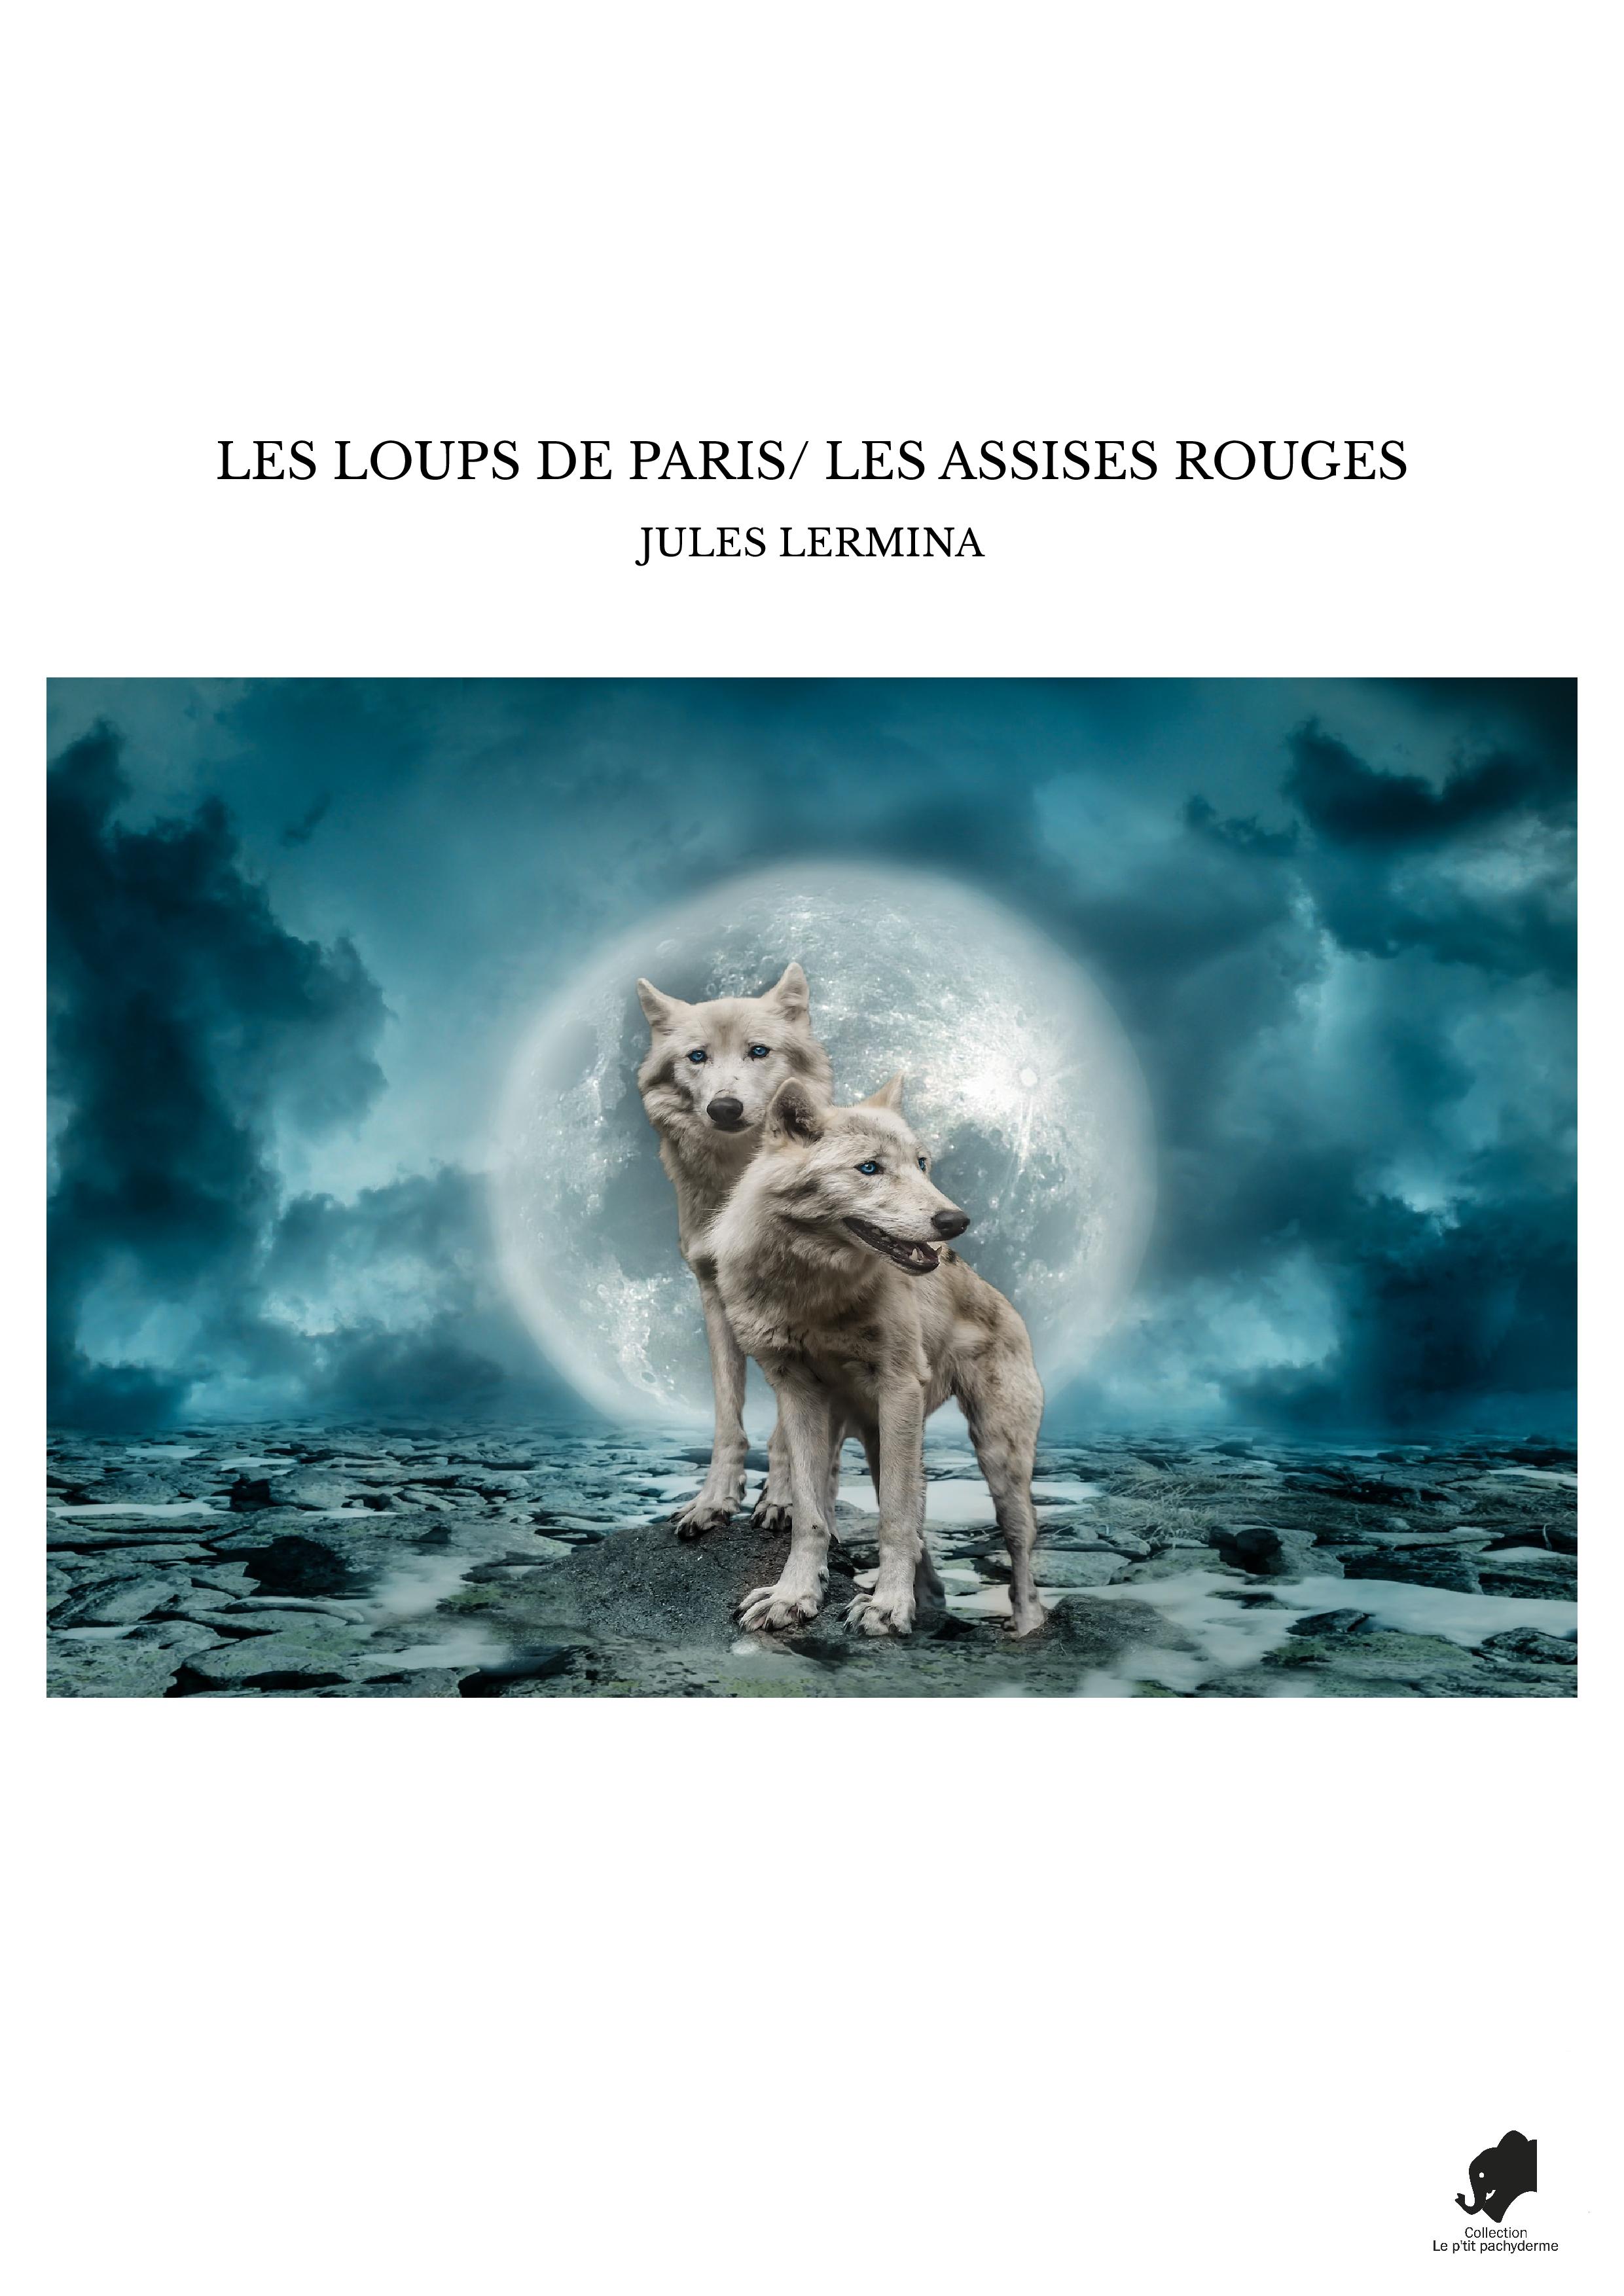 LES LOUPS DE PARIS/ LES ASSISES ROUGES